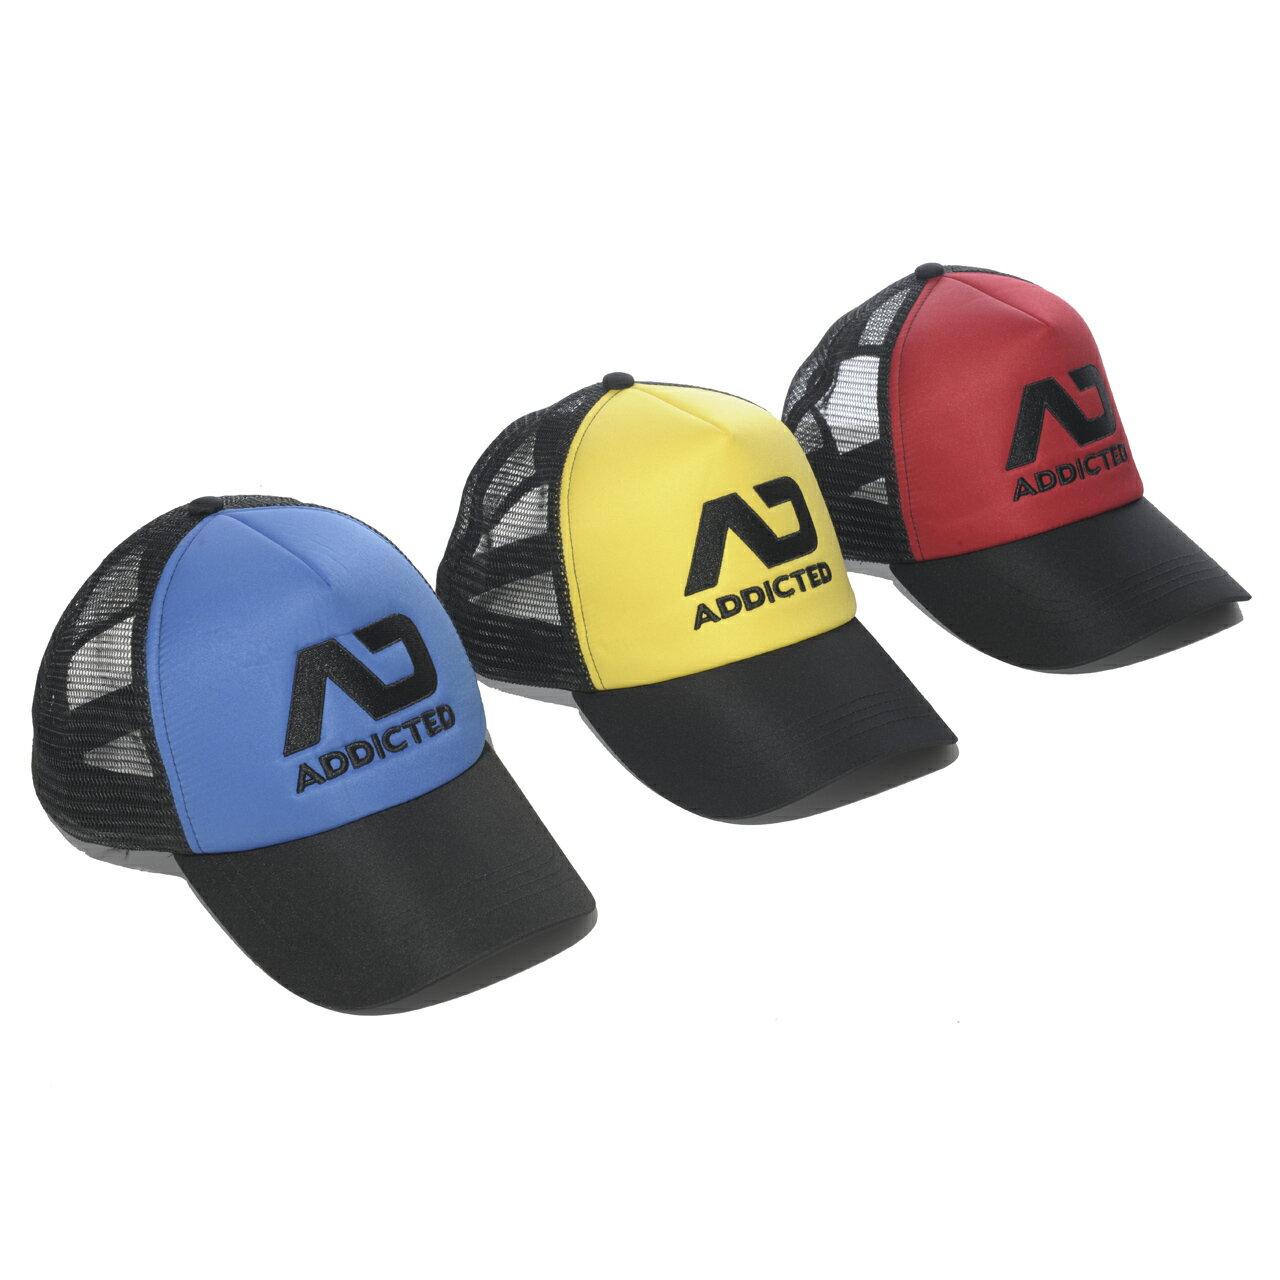 《預購》★2016春夏★ ADDICTED 戀物式棒球帽 ADDICTED AD385 FETISH CAP